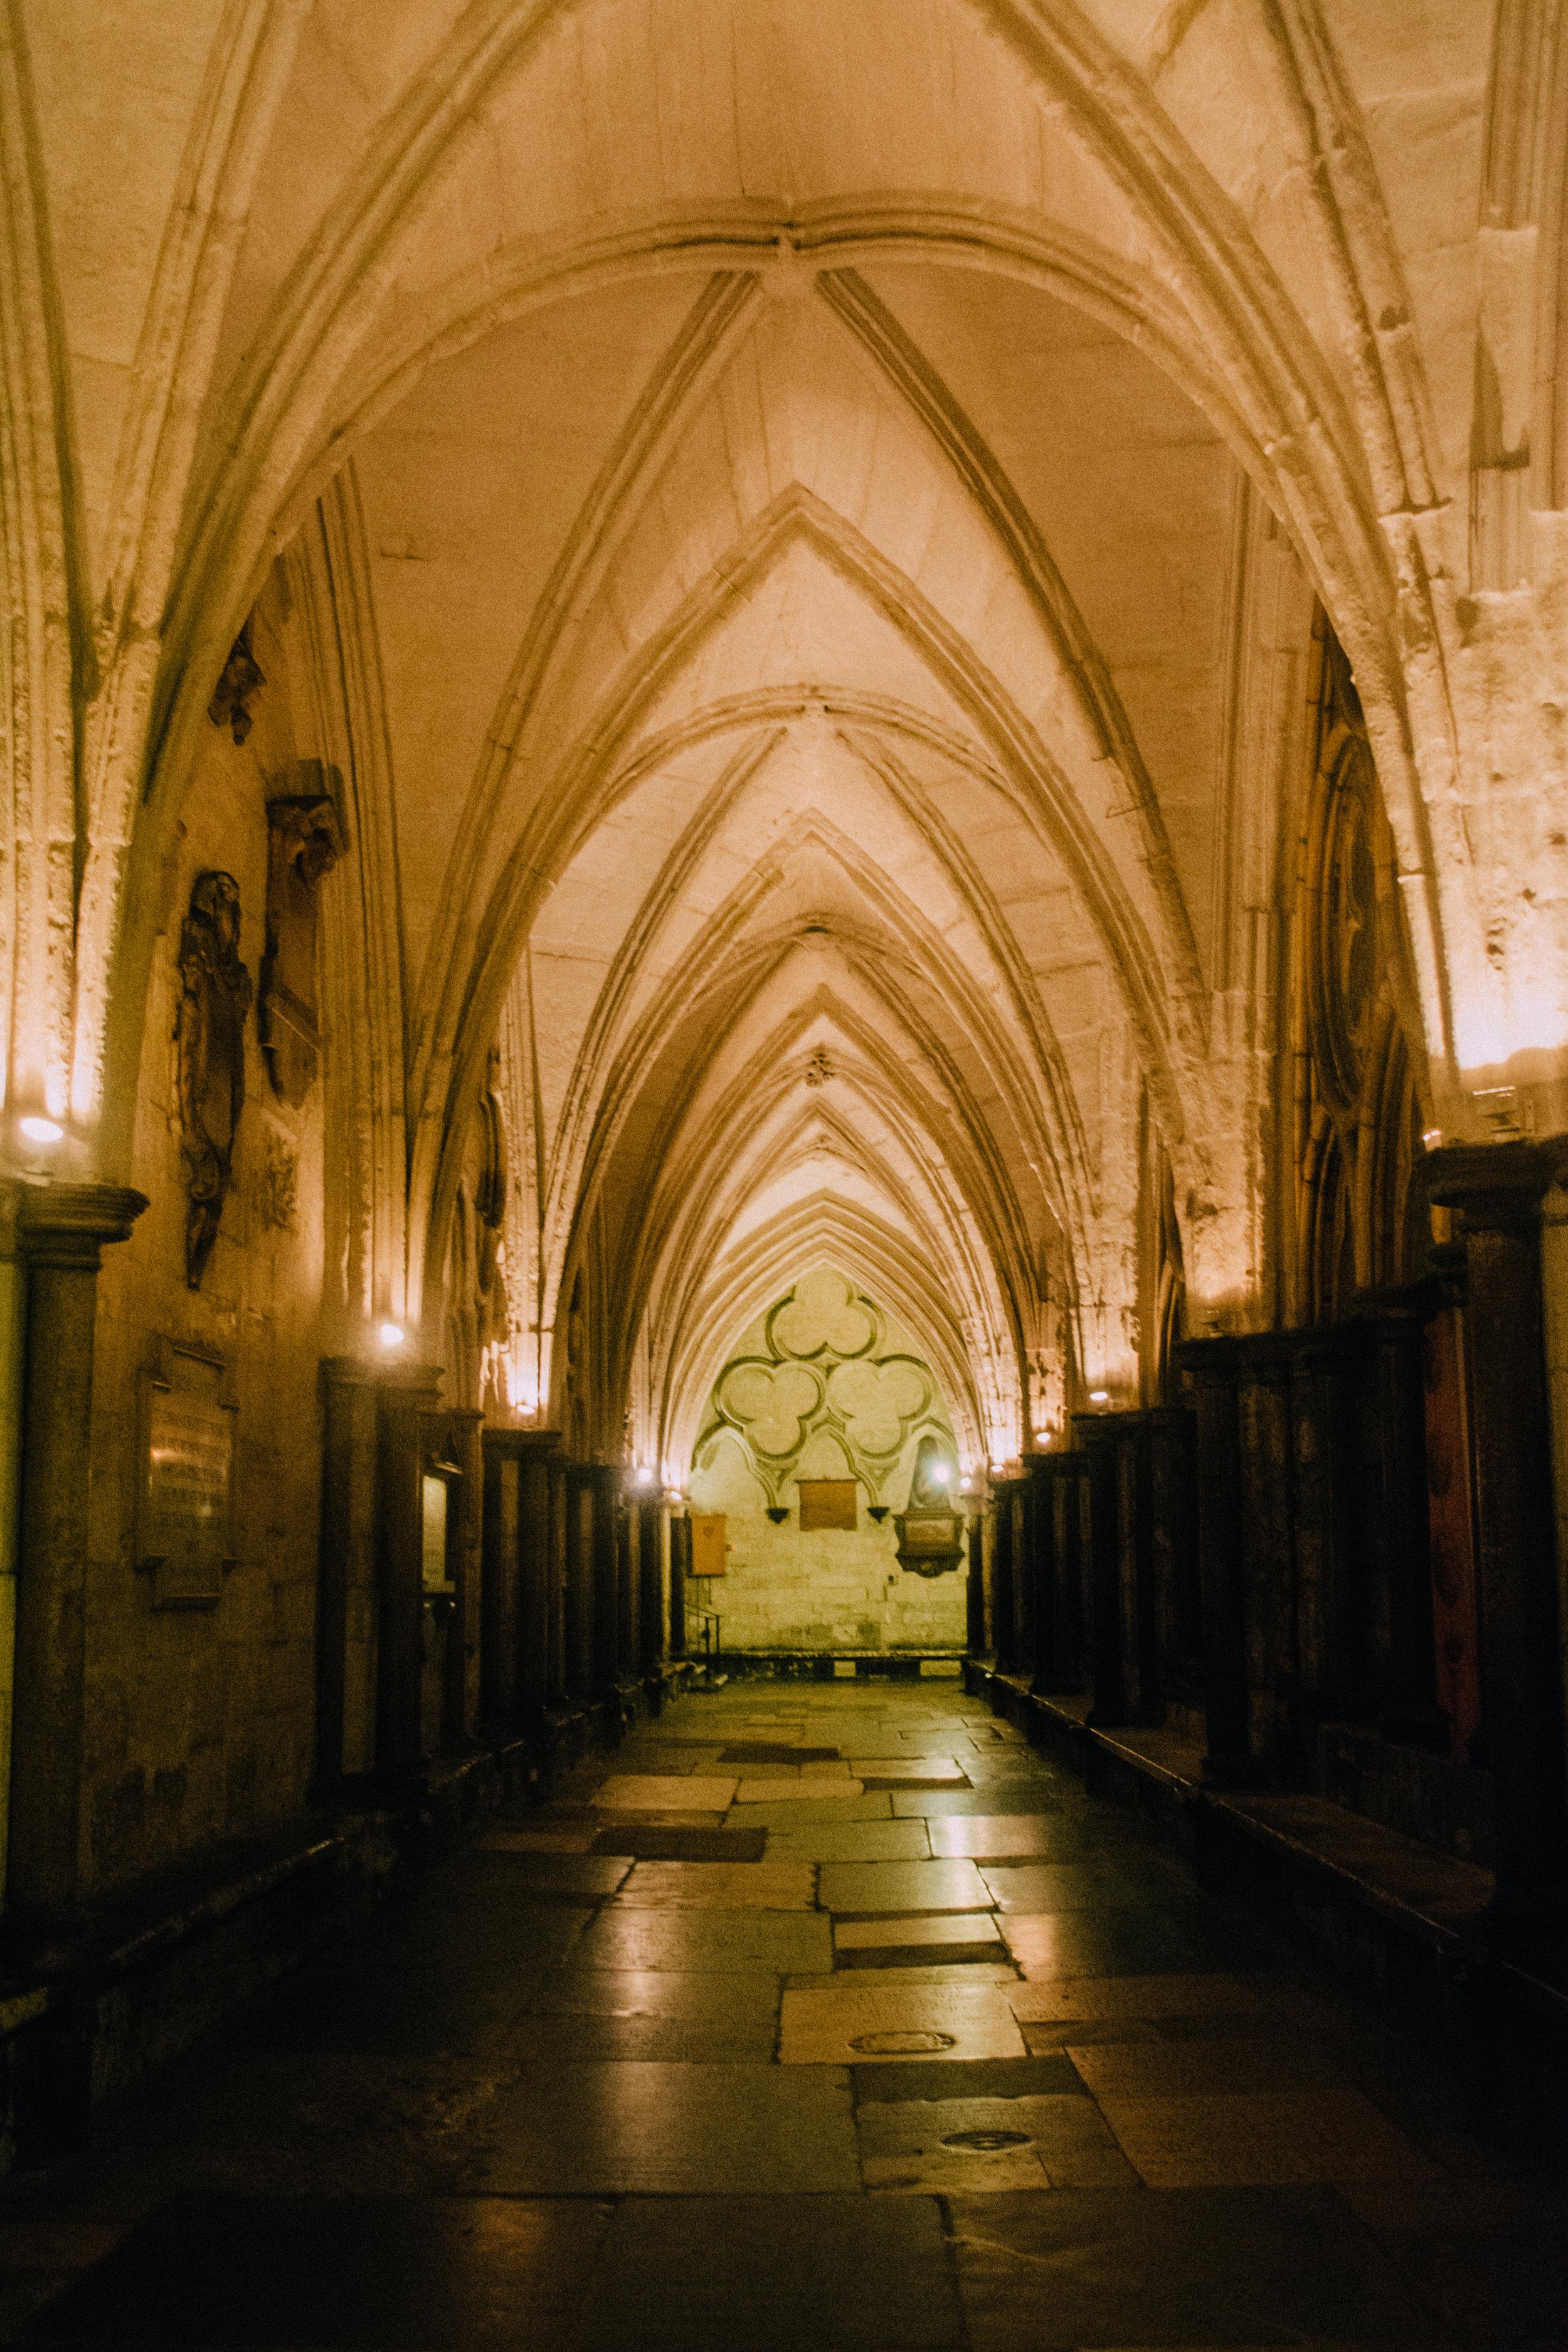 Inside Westminster Abbey.